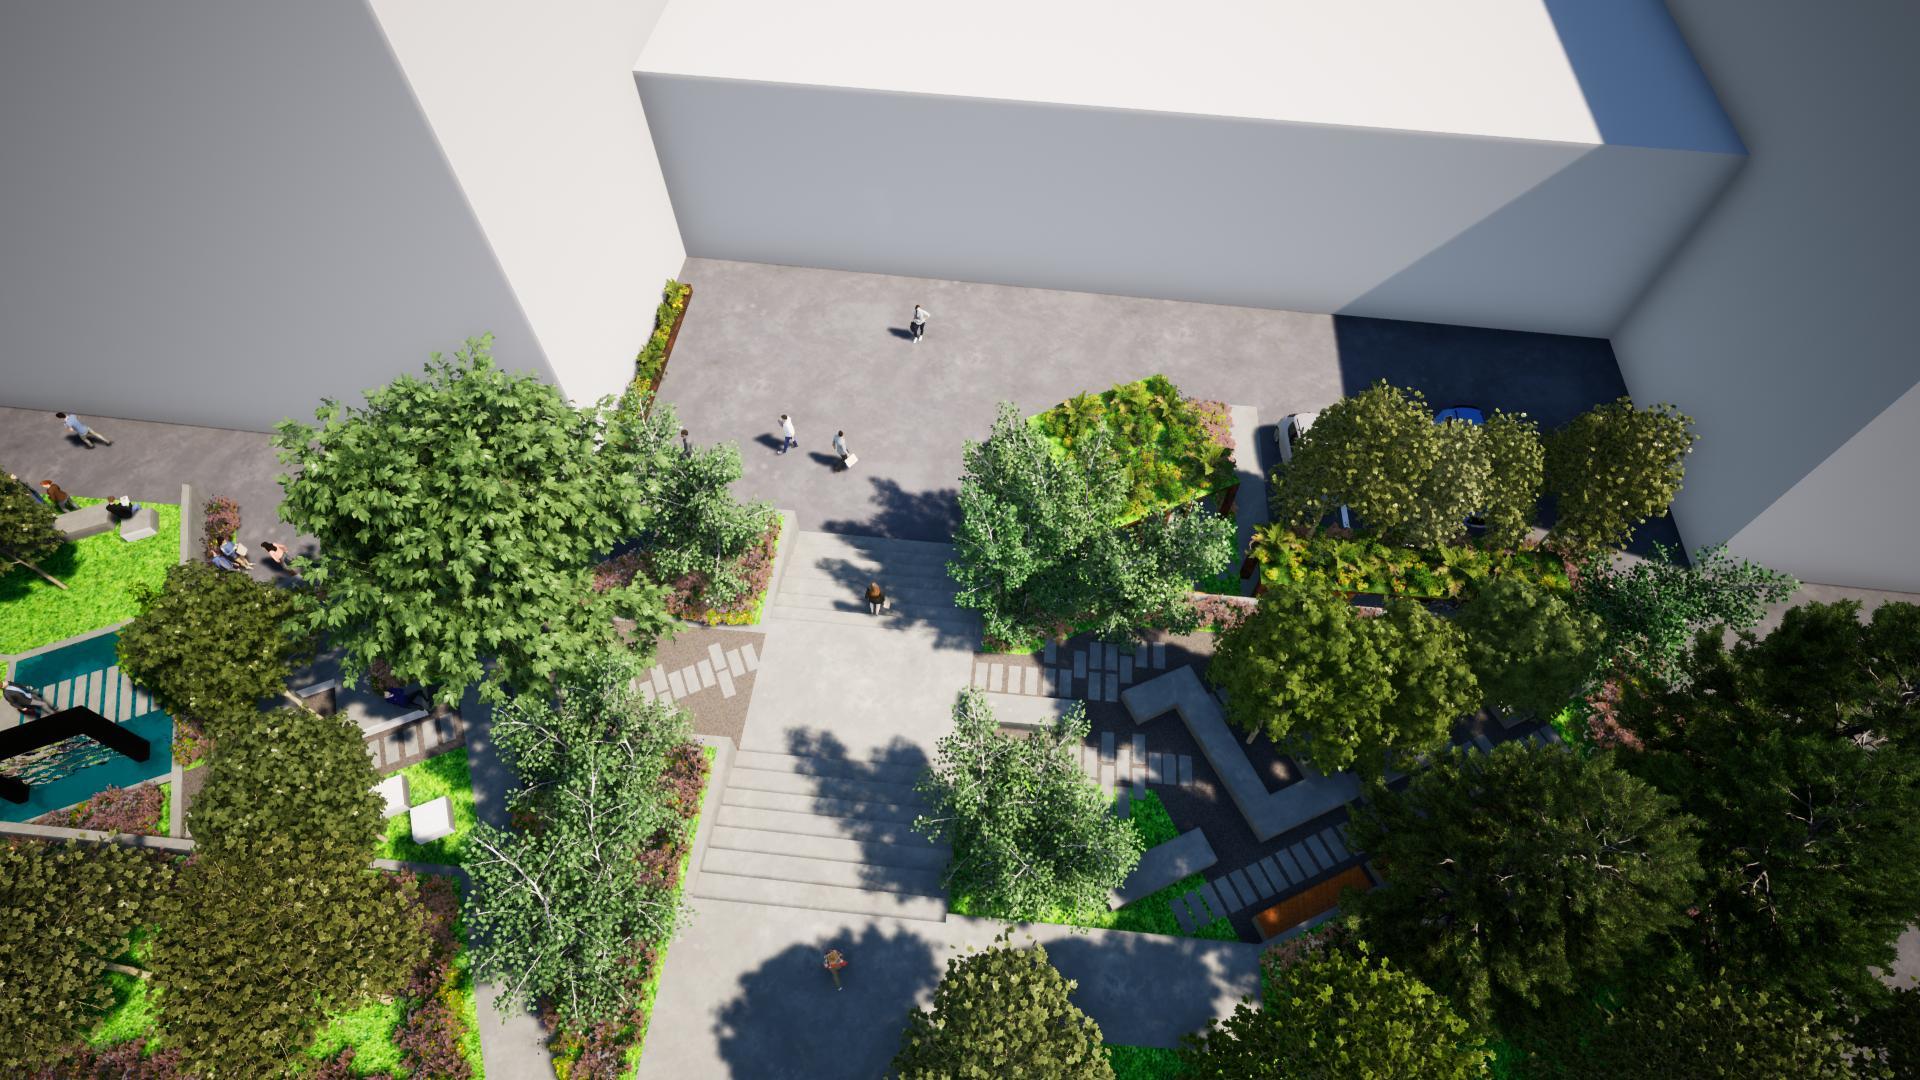 Dobrý deň, radi by sme Vám ponúkli tvorbu fotorealistických vizualizácií stavebných projektov (interiér/exteriér, rodinné domy, kancelárie, byty, chaty, prístrešky, záhrady a iné.). Ďalej ponúkame tvorbu 360 Virtuálnych prehliadok z vizualizácií alebo hotových objektov (prípadne vo fáze výstavby).  Viac na... YOUTUBE: https://www.youtube.com/watch?v=nxC9aqR-hsE&t=1s&ab_channel=virtualnywebsk FACEBOOK: https://www.facebook.com/virtualnyweb.sk  WEB: https://www.virtualnyweb.sk/ - Obrázok č. 3